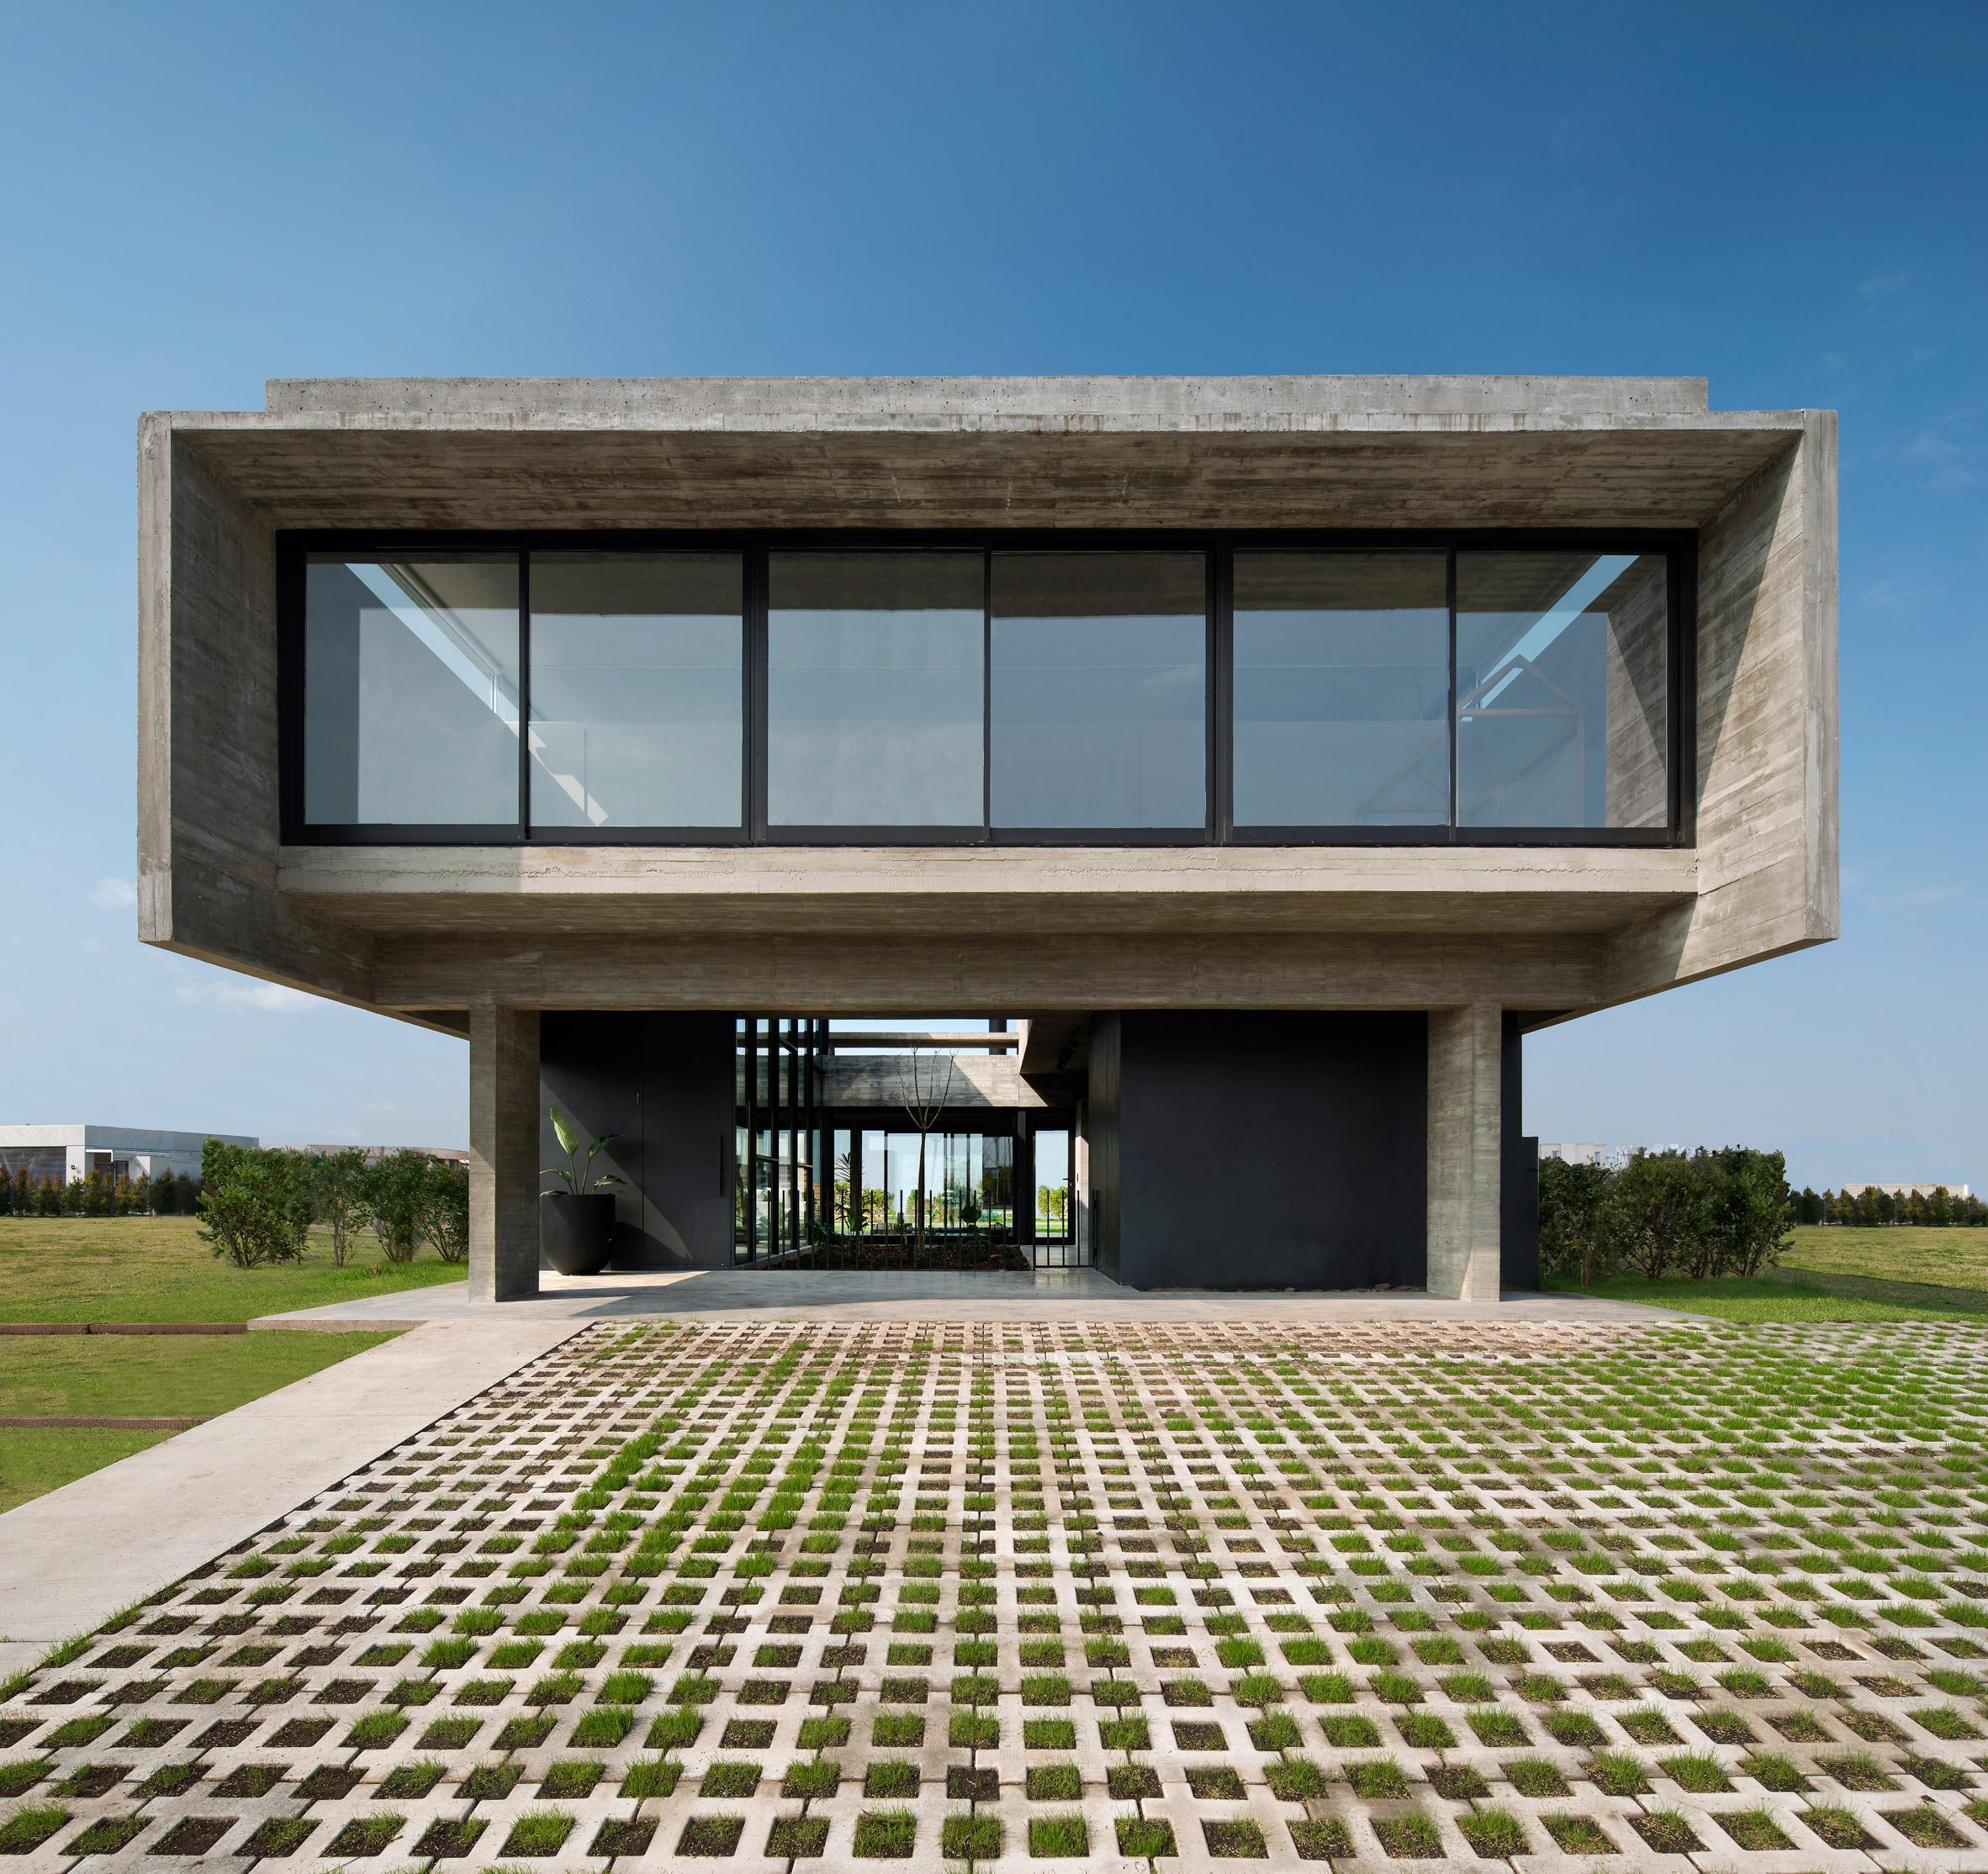 Casa Castanos by Ekaterina Kunzel and Maria Belen Garcia Bottazzini